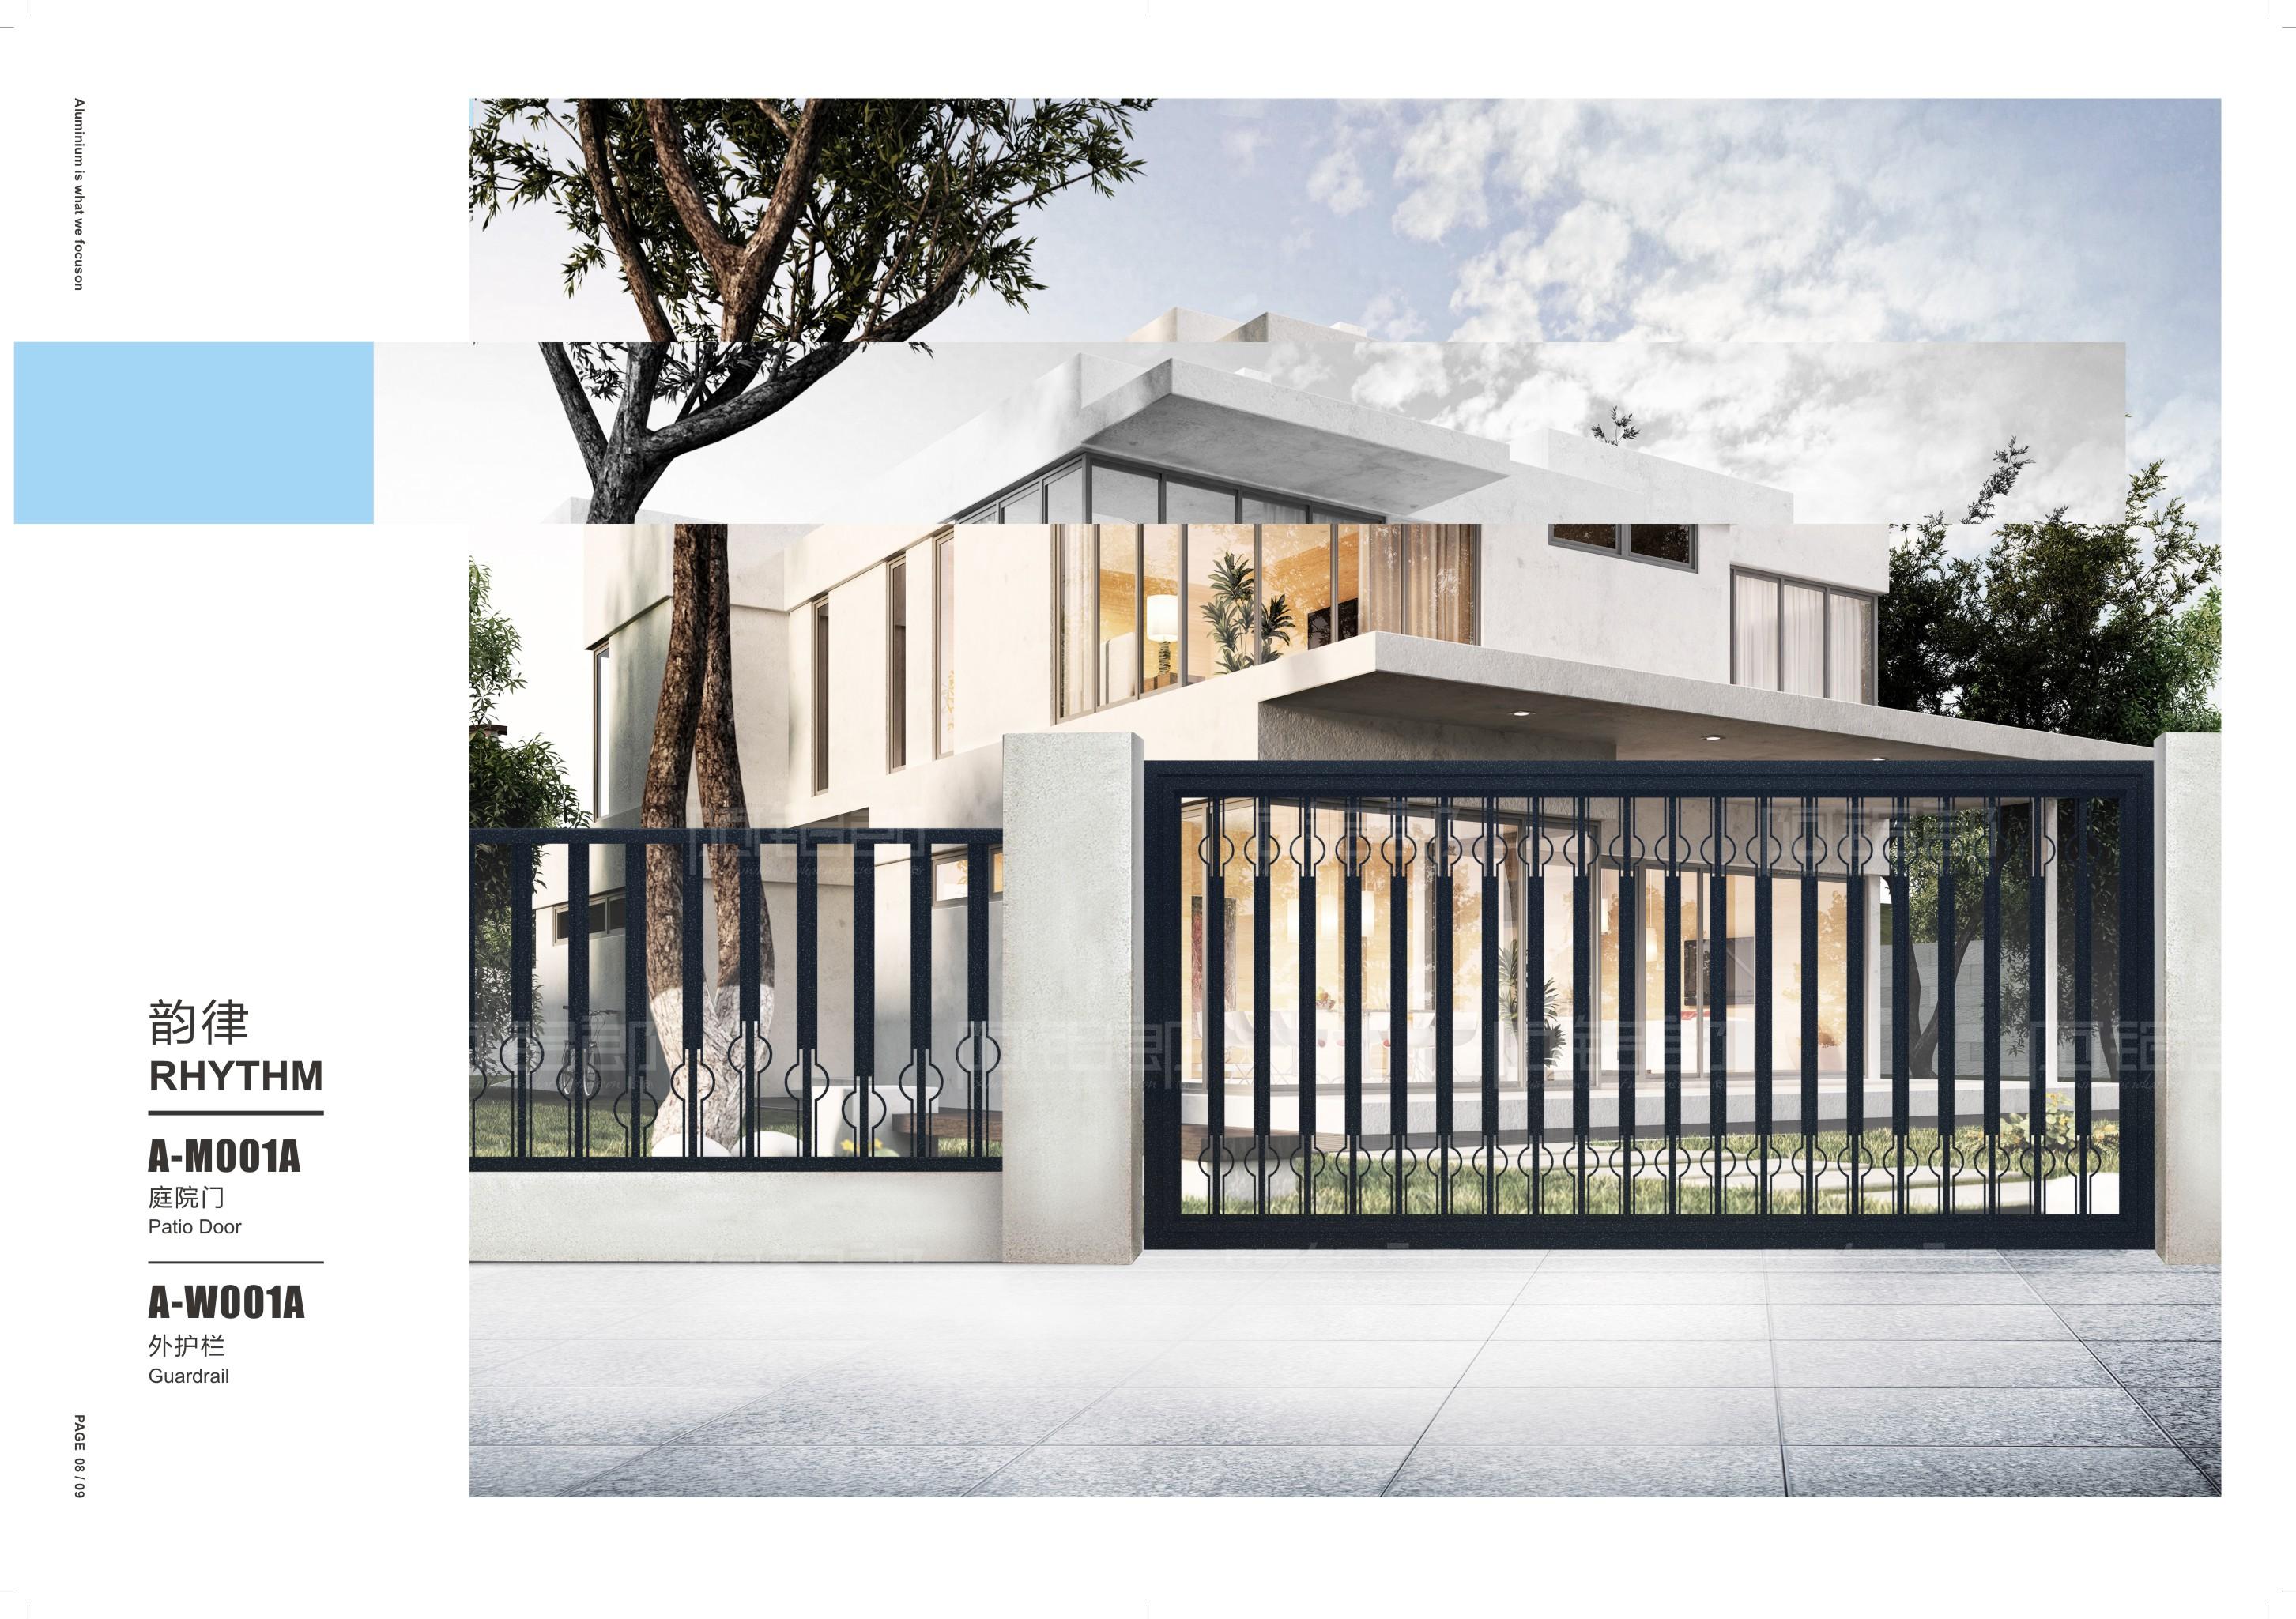 佛山市朗原铝制品有限公司以研发金属装饰建材产品、品牌运营和创造客户价值为己任,贯彻务实、诚信、创新、感恩的公司文化,做精品建材,行业风尚。旗下卫朗铝艺、阿铝郎是以户外铝艺庭院大门、围栏、阳台栏杆等一体化尊尚私人定制的知名品牌。